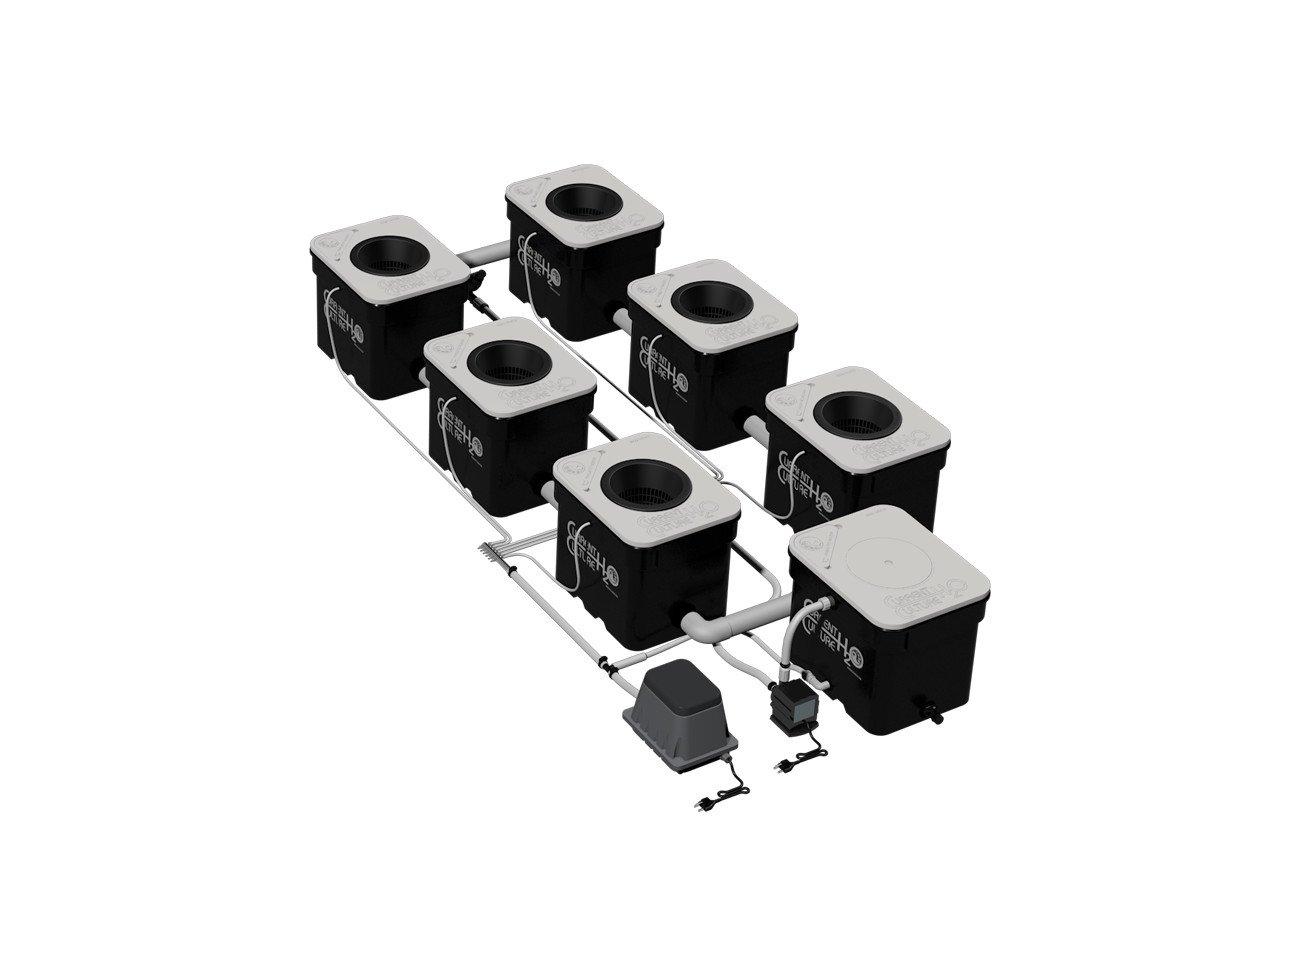 Under Current 6 XL UC6XL - 6 site - 8'' net pot - 8 gallon grow modules - 90 watt - 120V